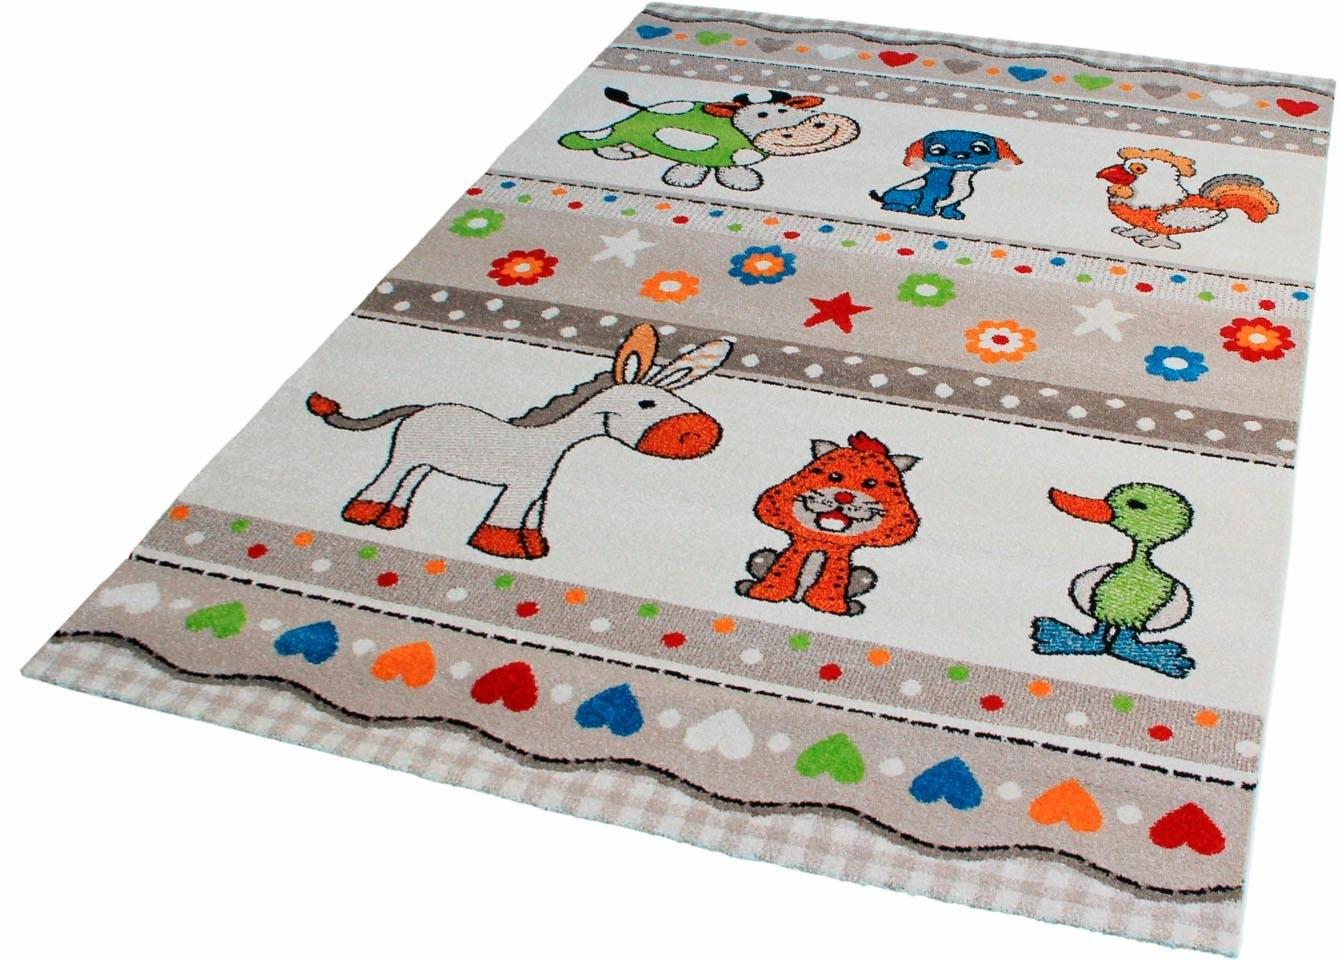 Sanat Hali Vloerkleed kinderkamer, »Rhapsody Kids1519«, Impression, rechthoekig, 13 mm hoog, machinaal geweven goedkoop op otto.nl kopen